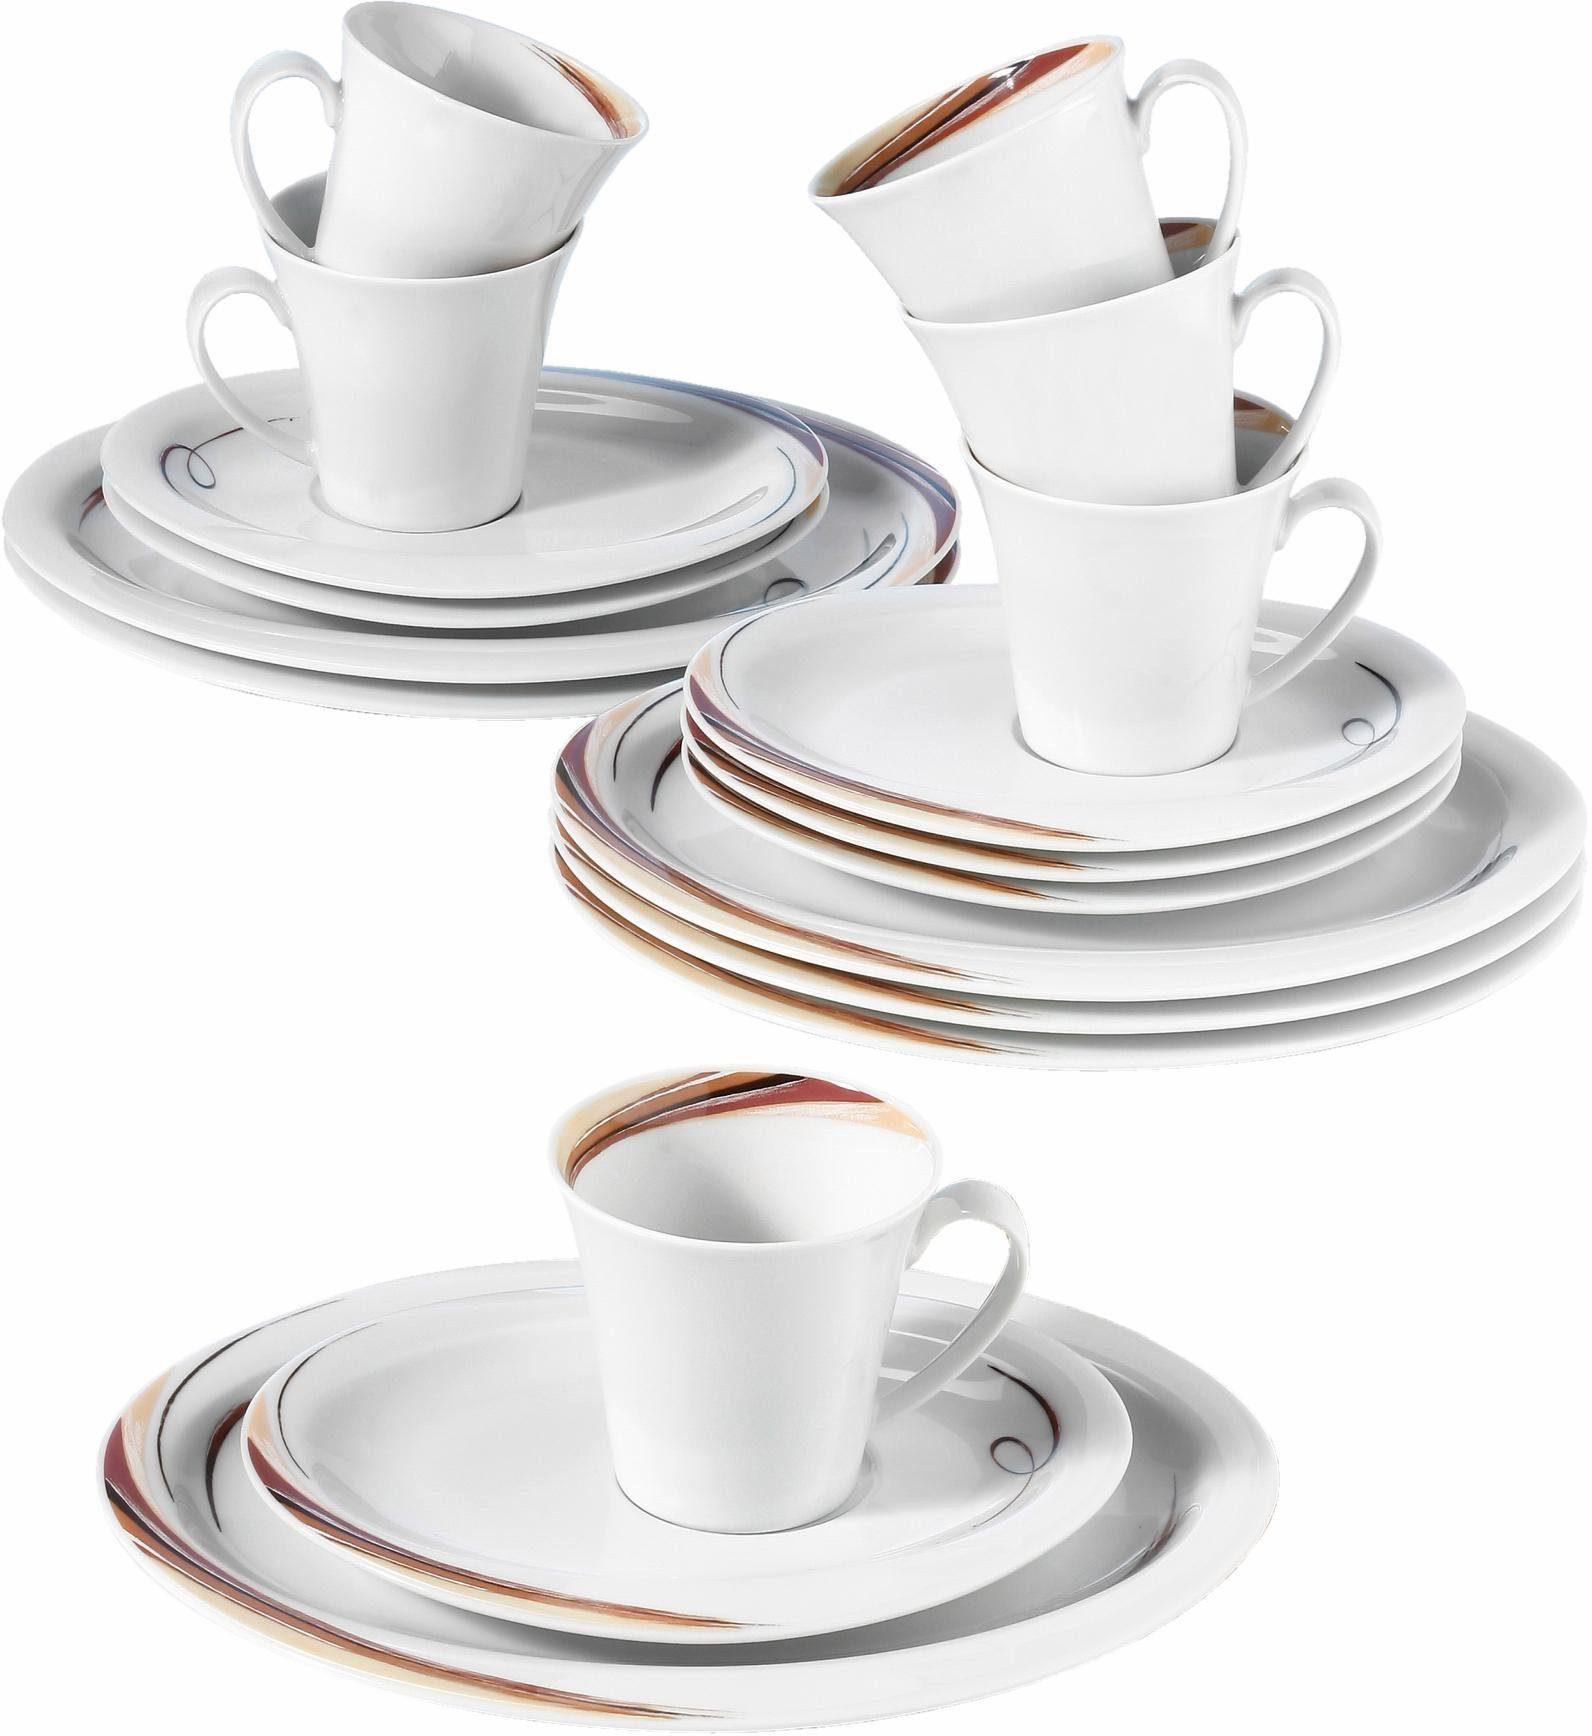 Seltmann Weiden Kaffeeservice »Top Life Aruba« (18-tlg), Porzellan, Mikrowellengeeignet